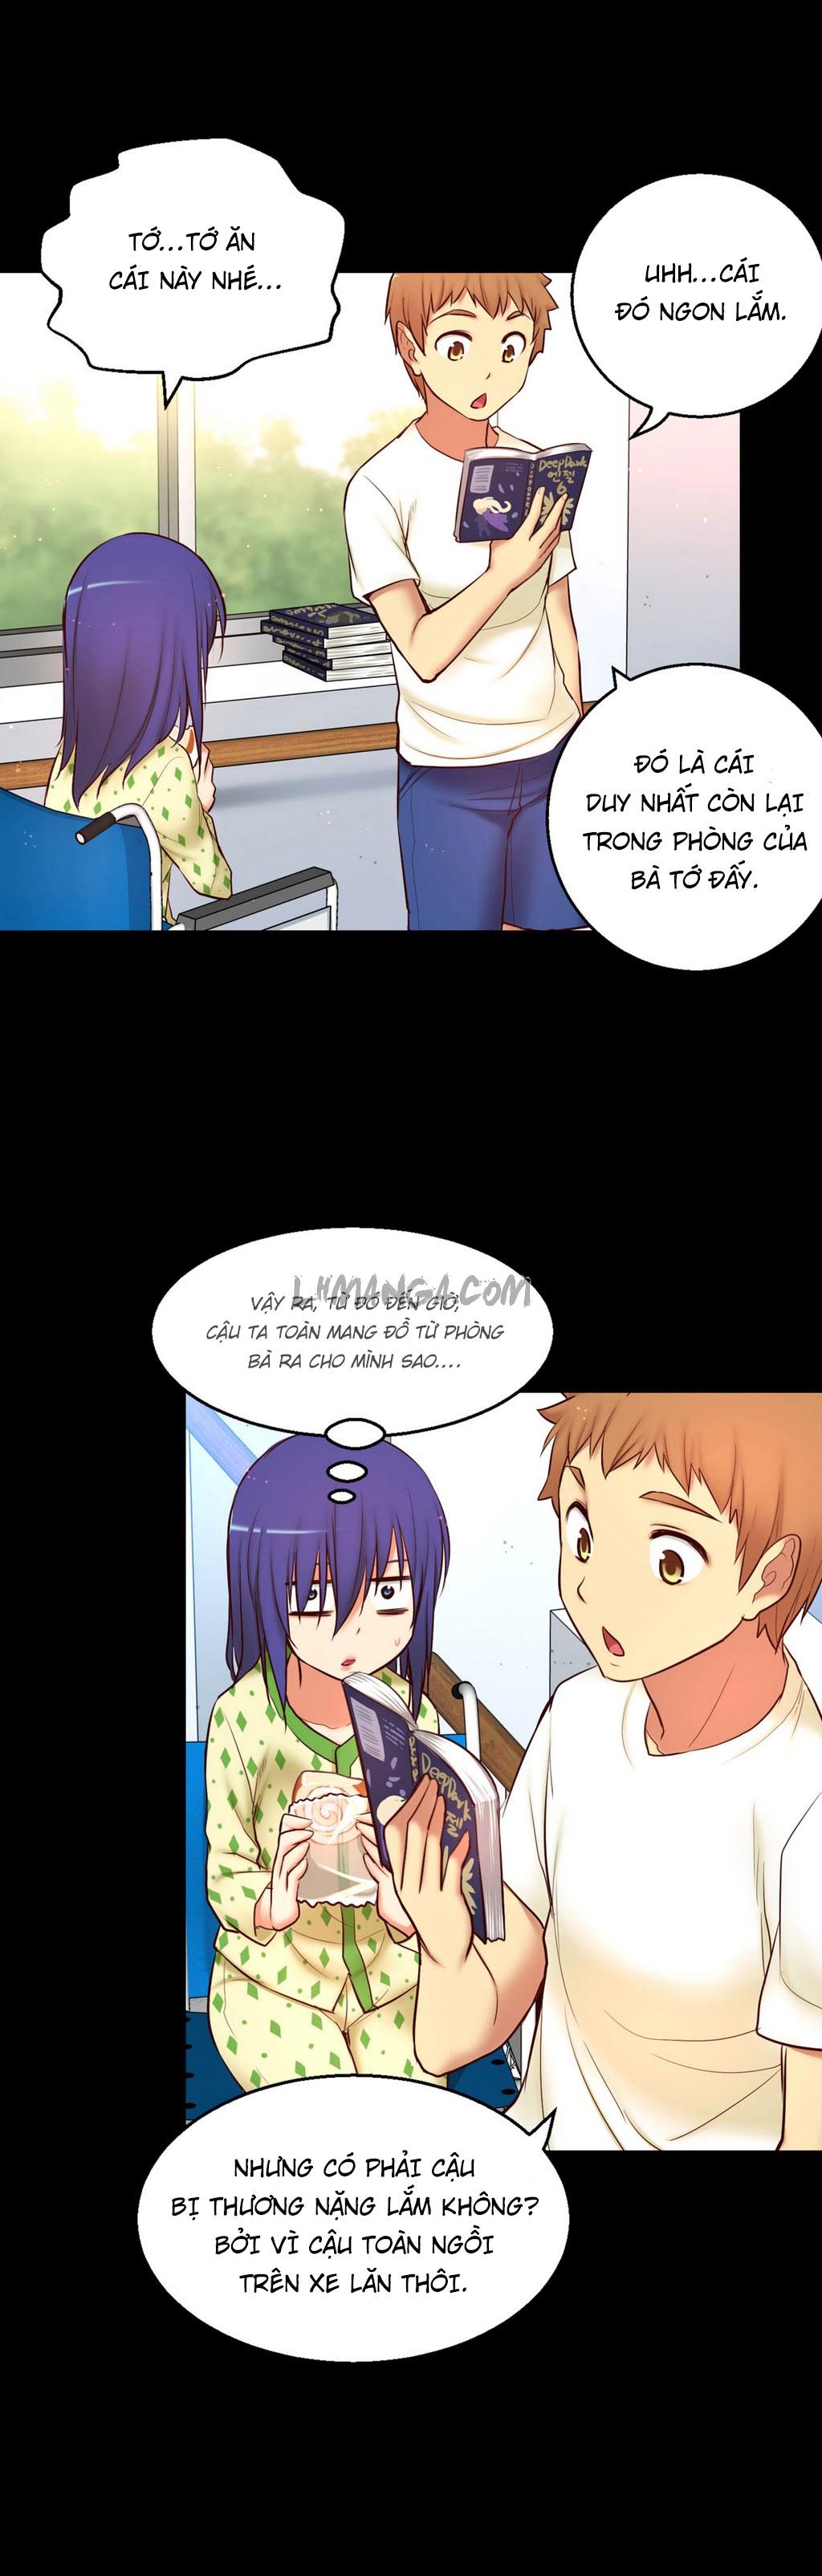 Hình ảnh HINH_00019 in [Siêu phẩm Hentai] Little Girl Full